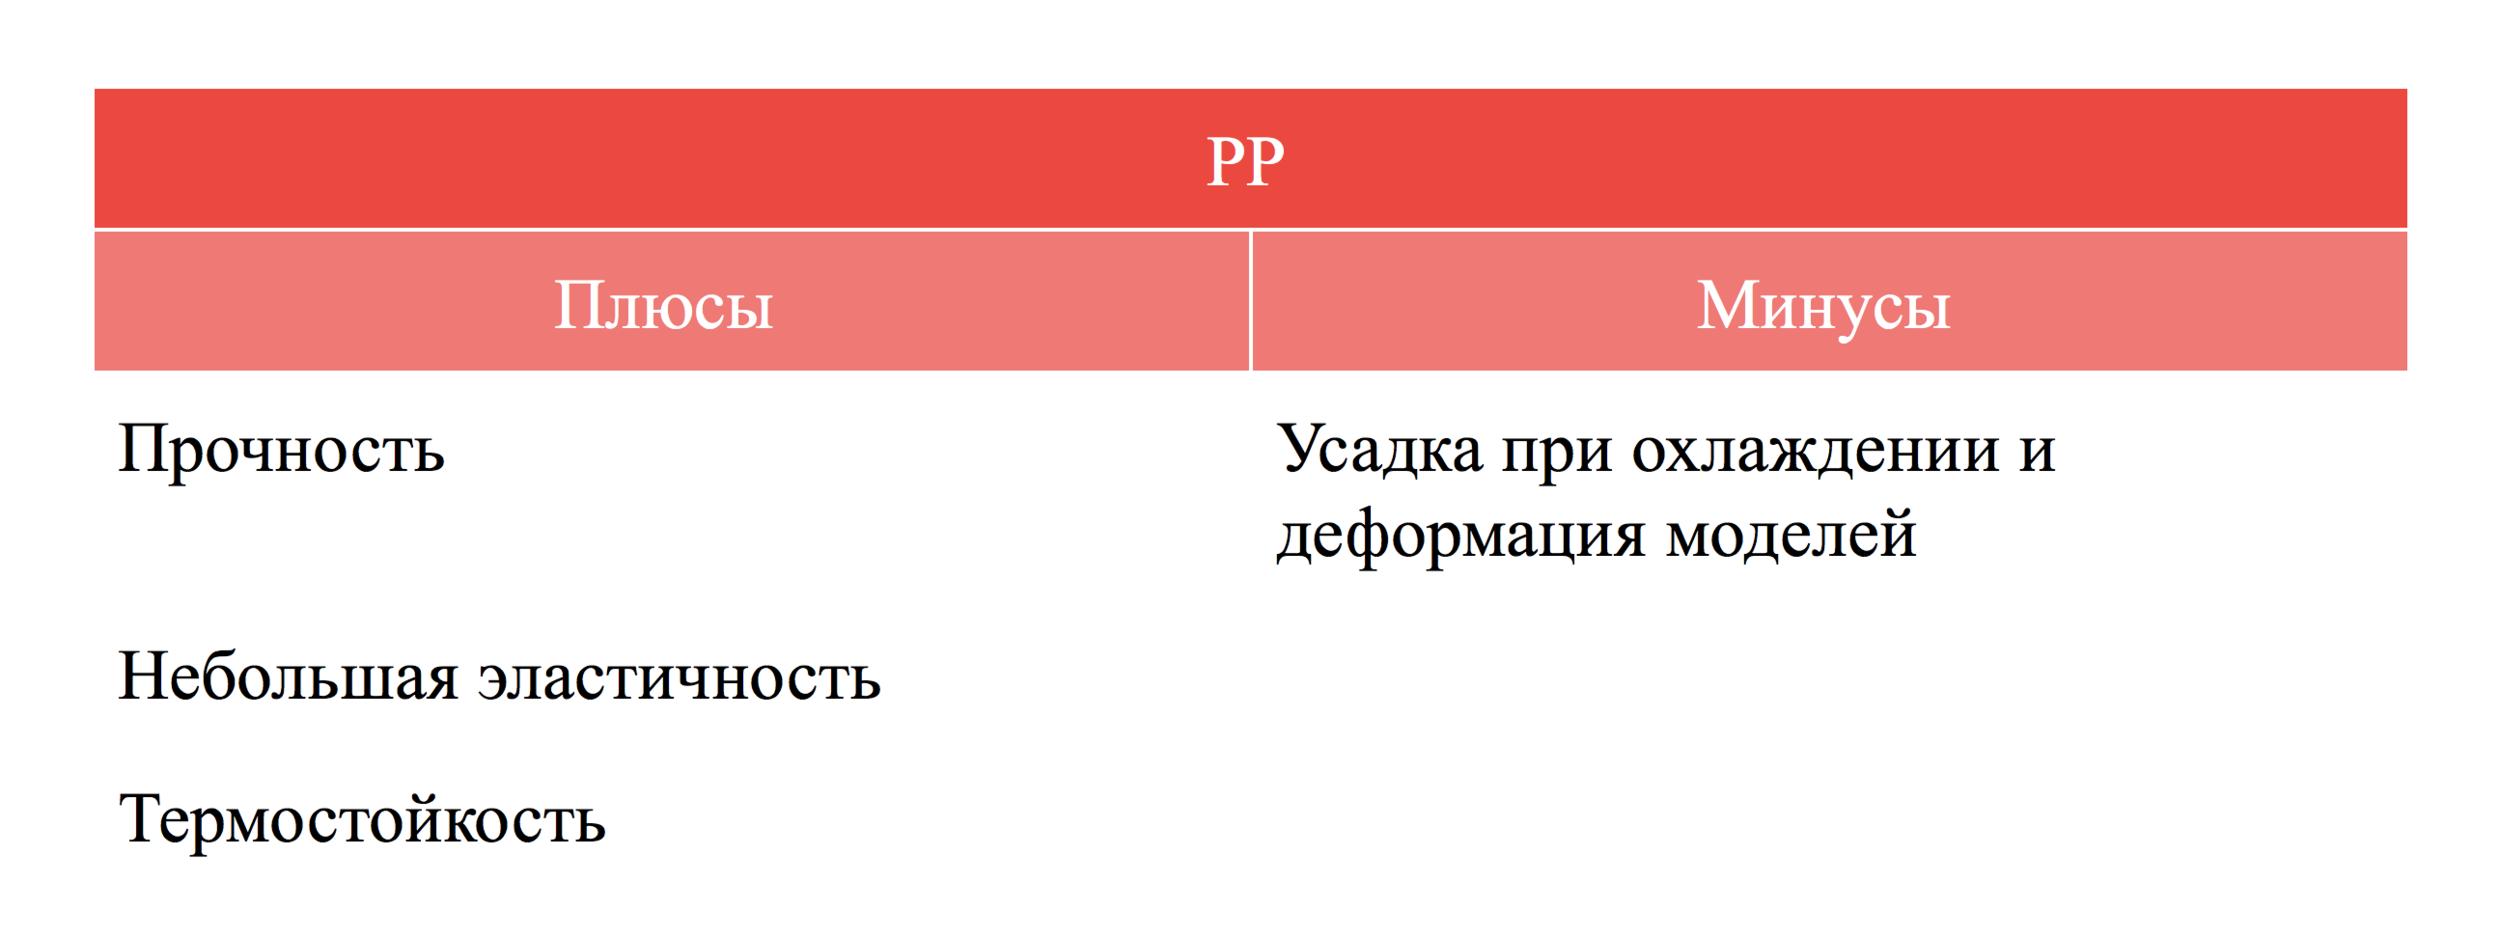 Плюсы и минусы PP пластика qbed.space.png